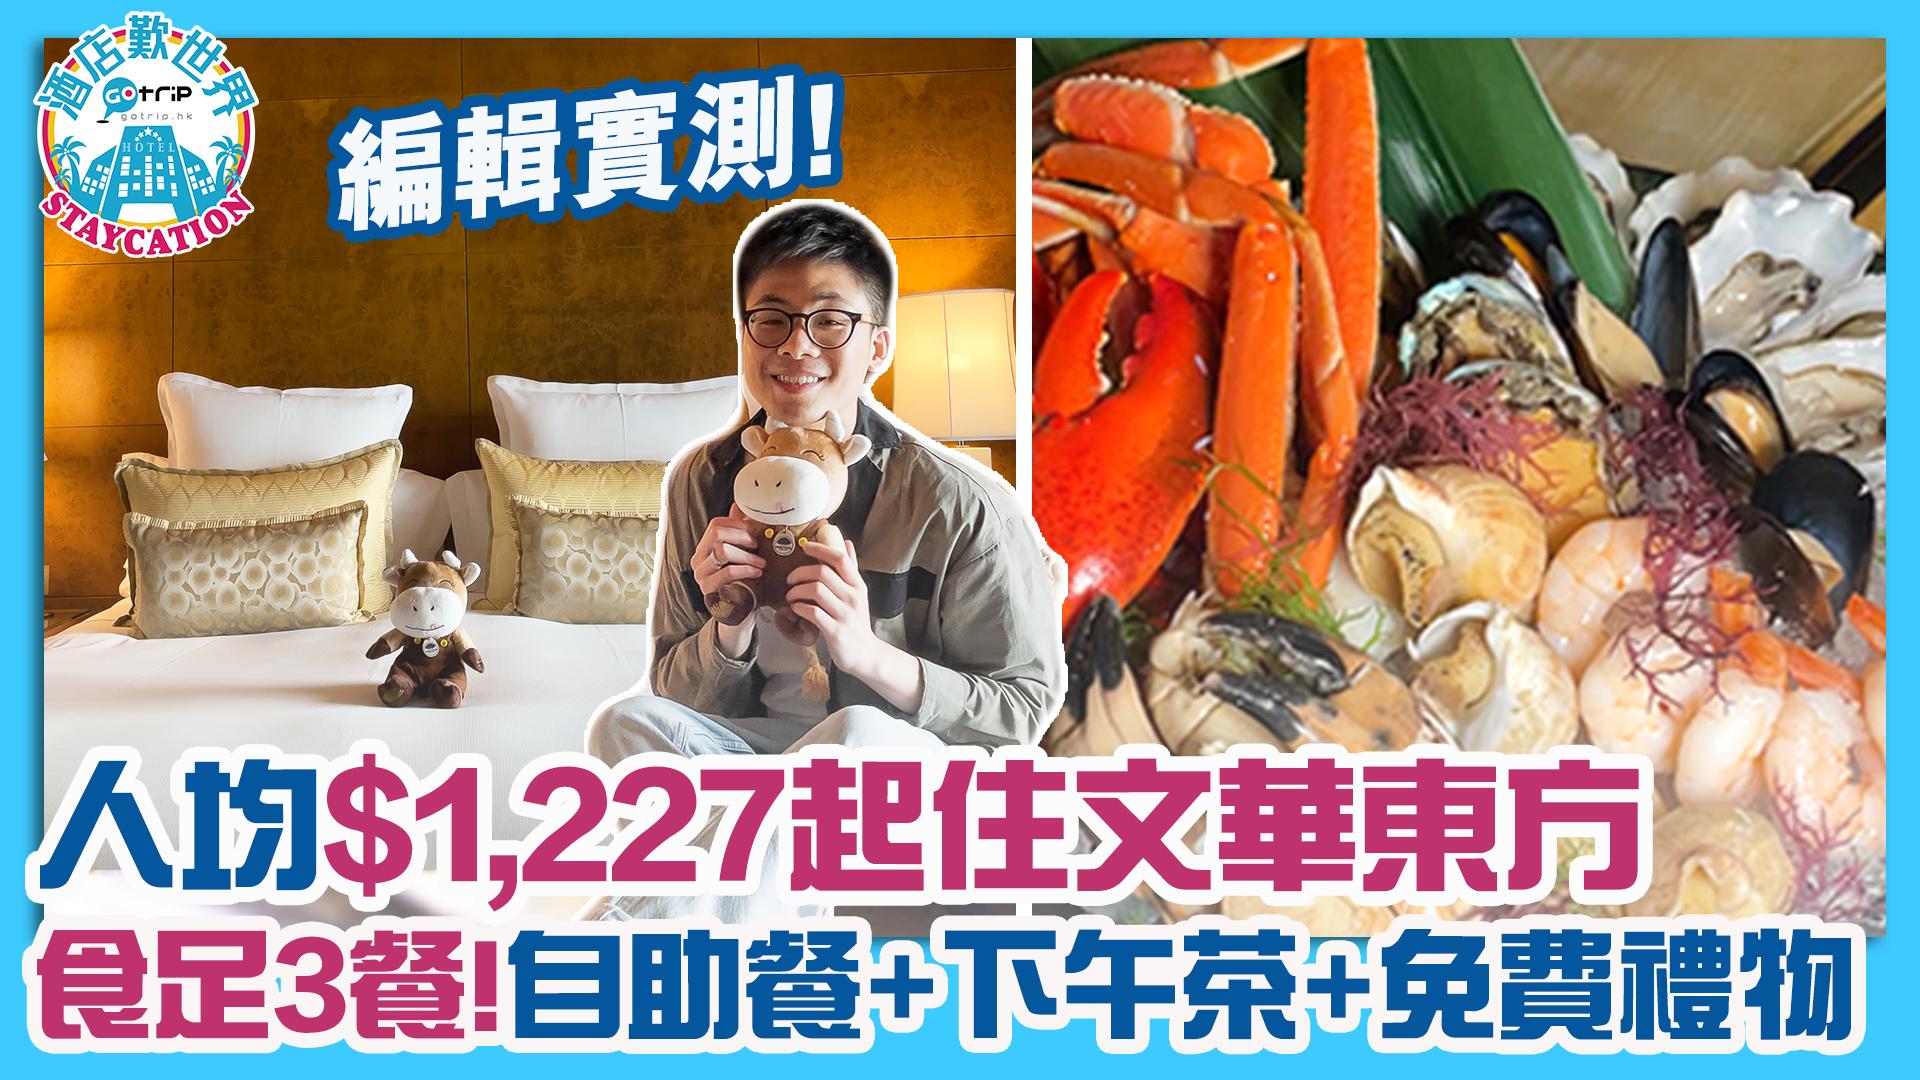 文華東方Staycation二千五有找!編輯實試下午茶+自助早晚餐 保證30小時入住 編輯試住報告